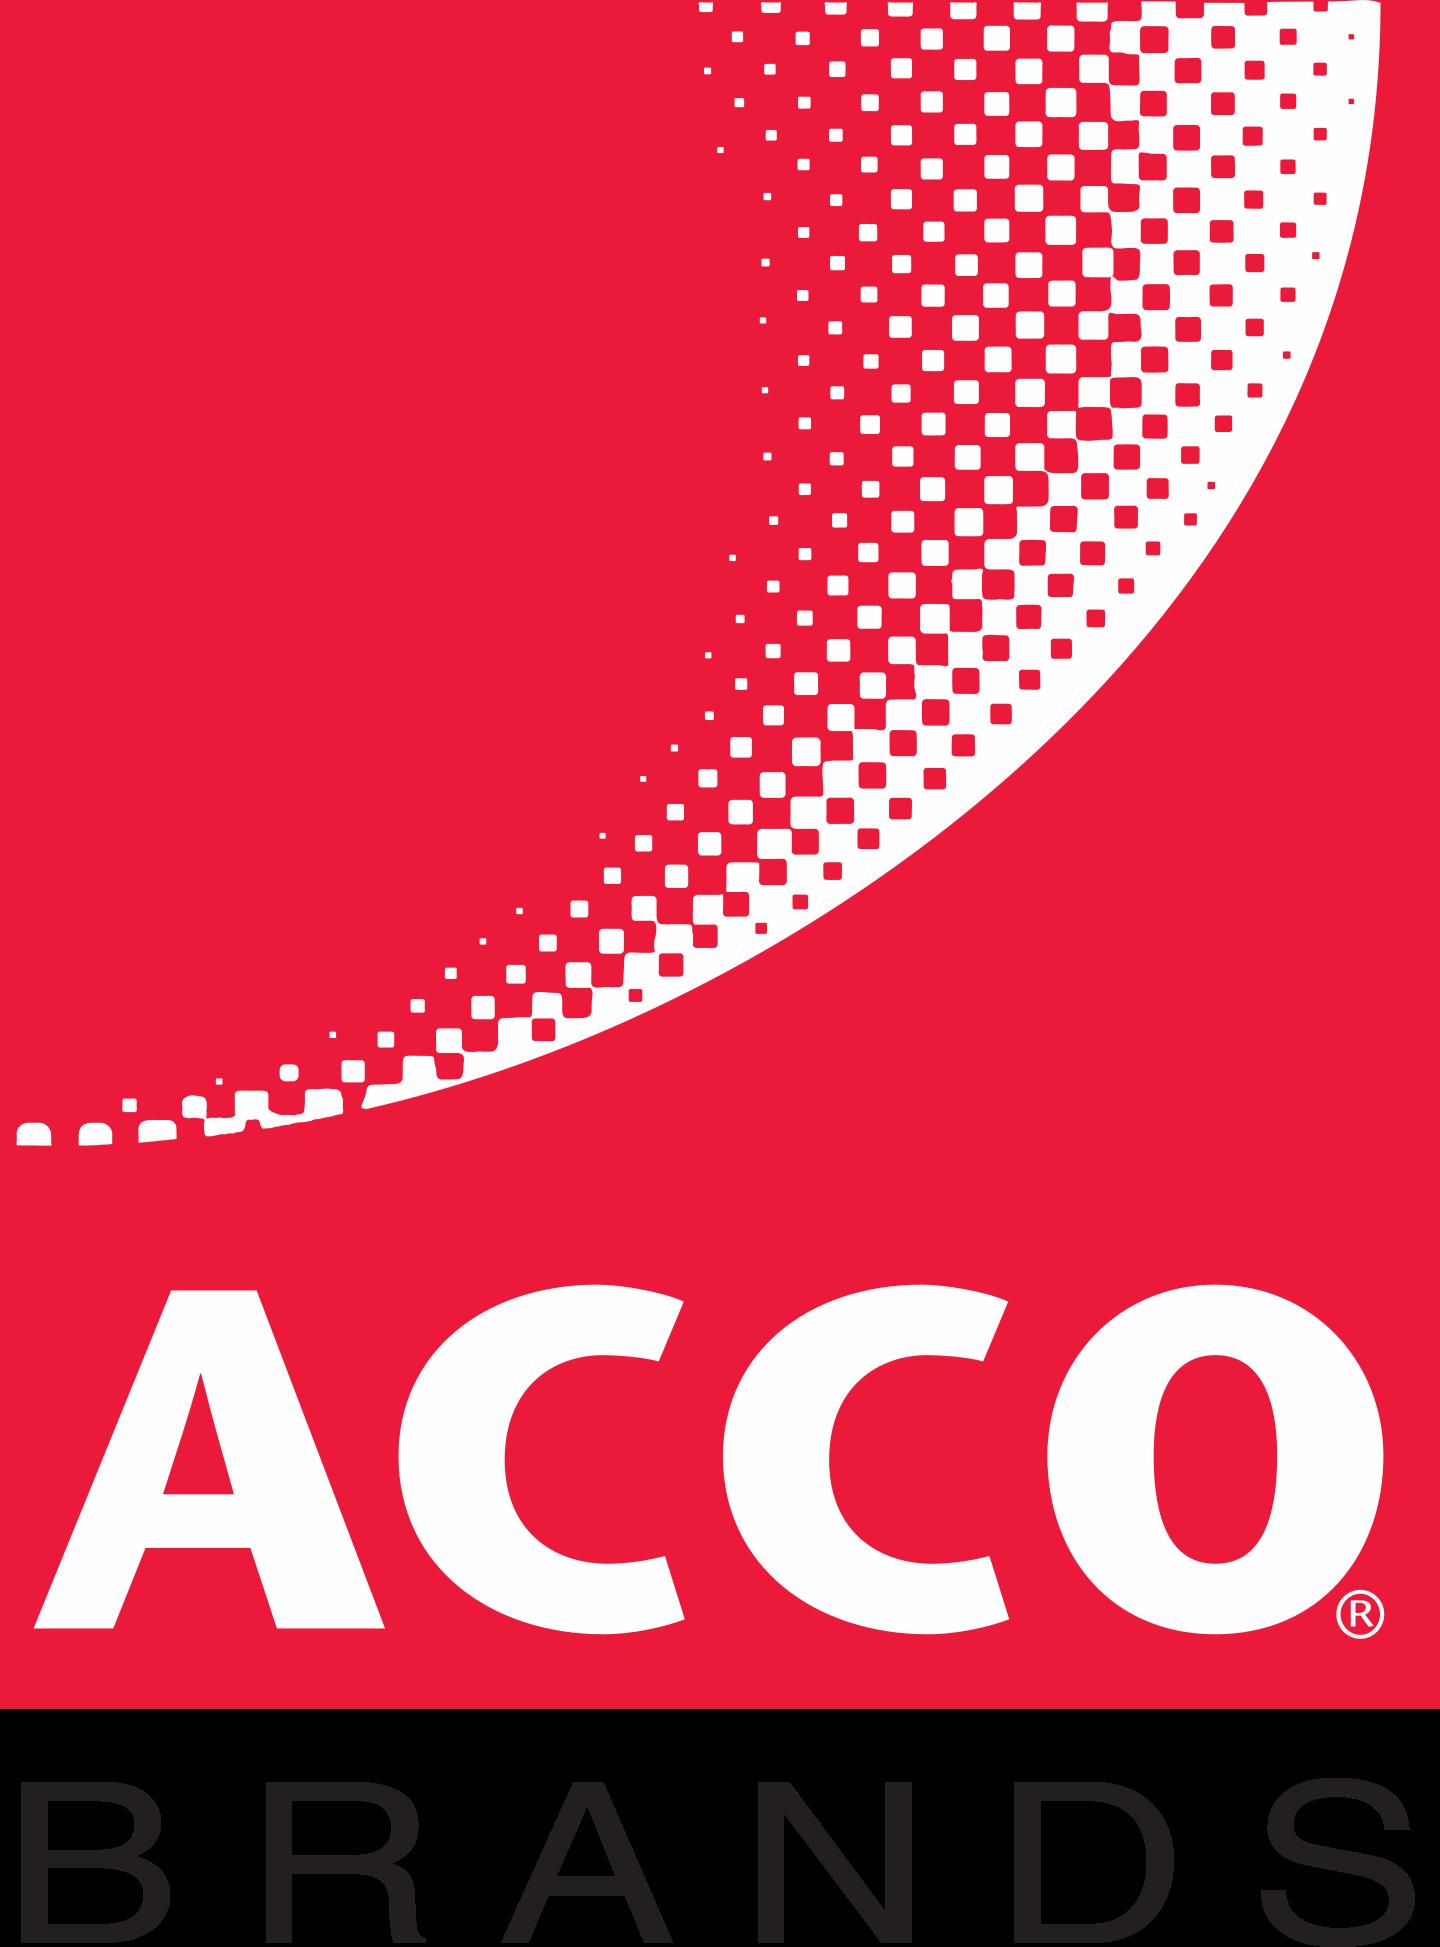 acco brands logo 2 - ACCO Brands Logo